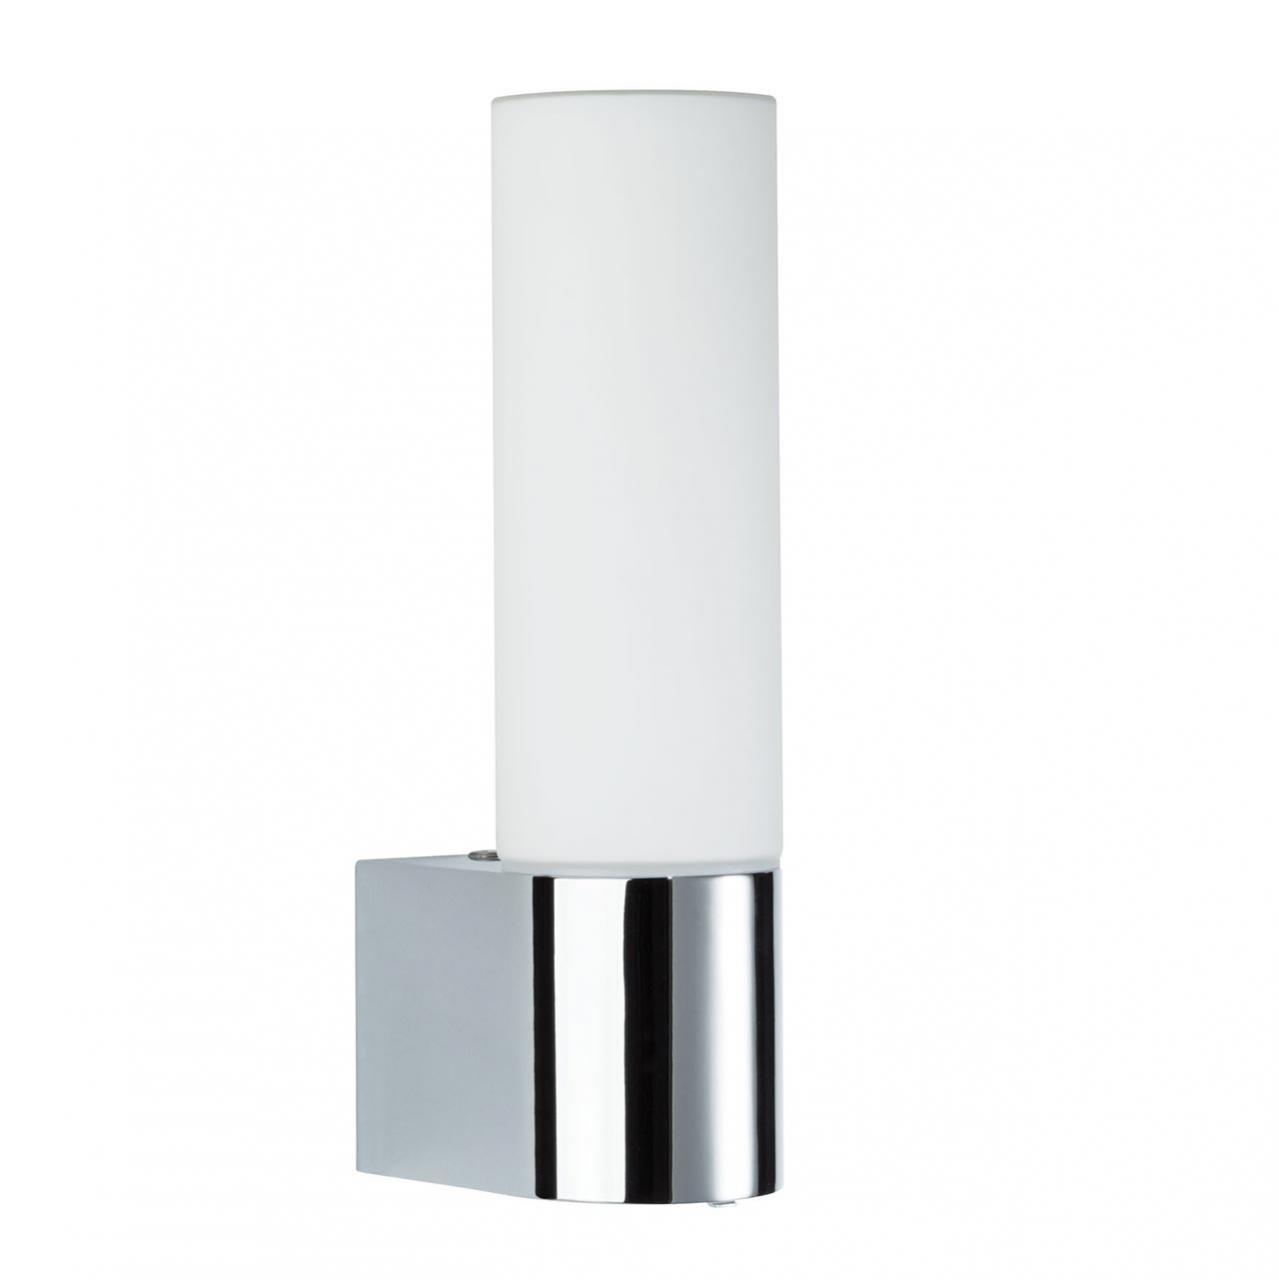 Подсветка для зеркал Paulmann Elektra с плафоном из стекла